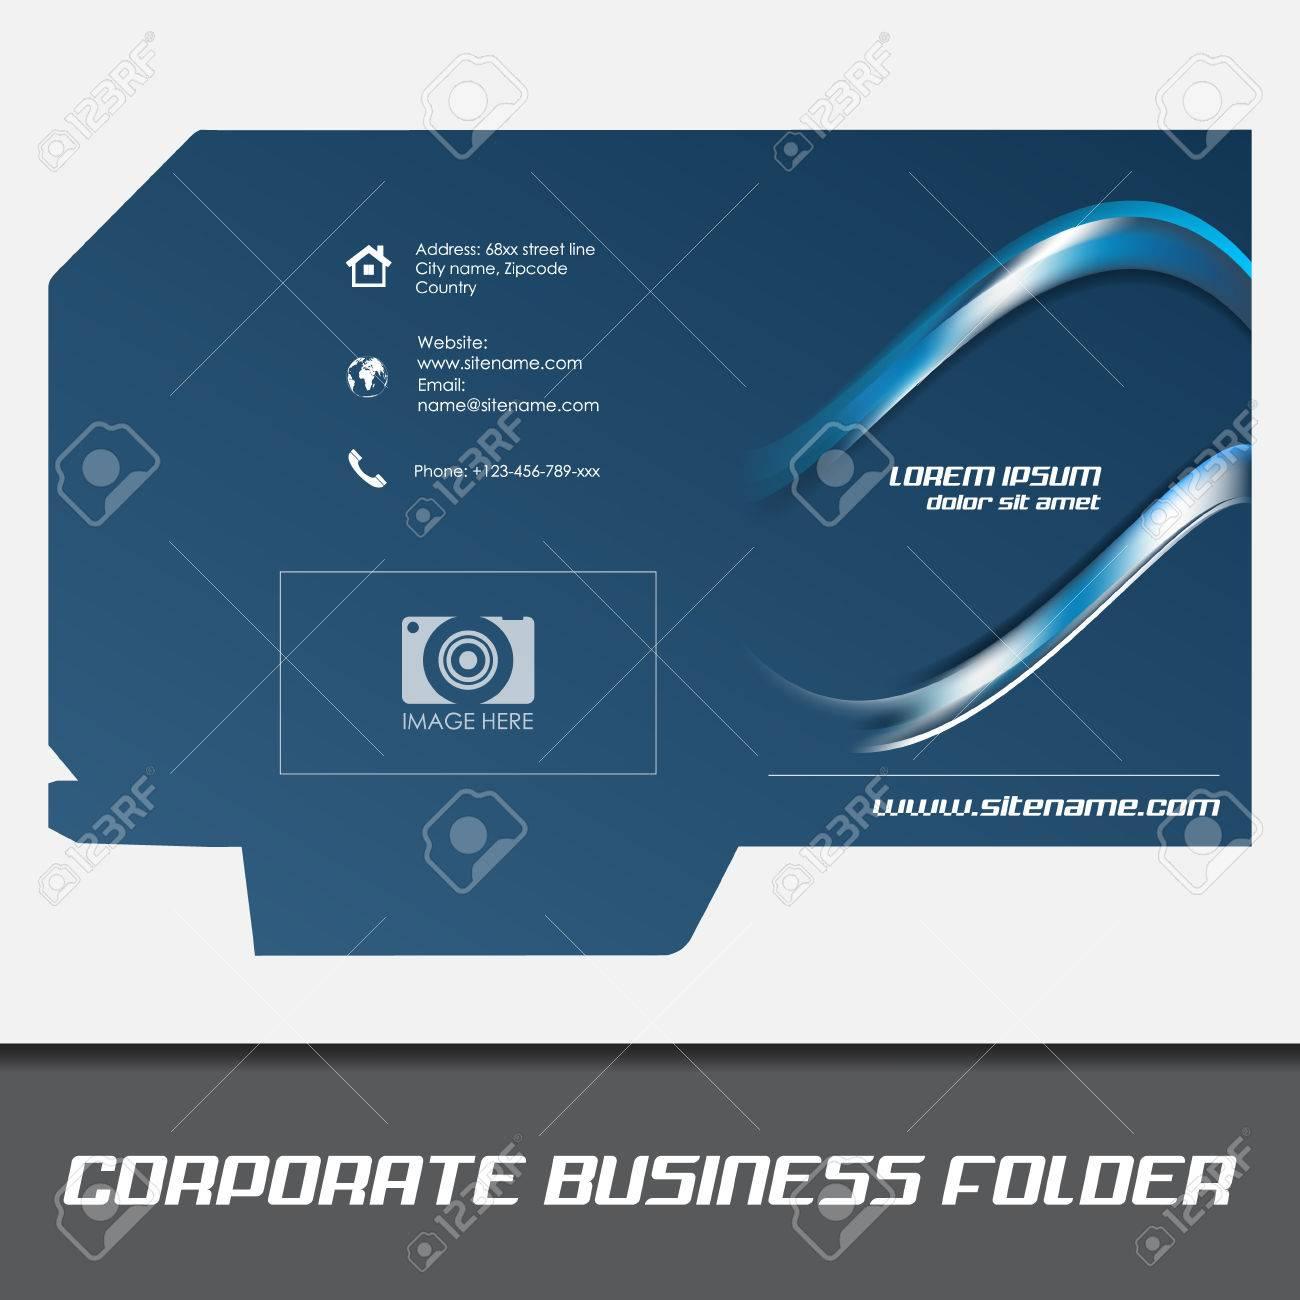 Corporate business folder template document folder royalty free corporate business folder template document folder stock vector 32866916 flashek Image collections